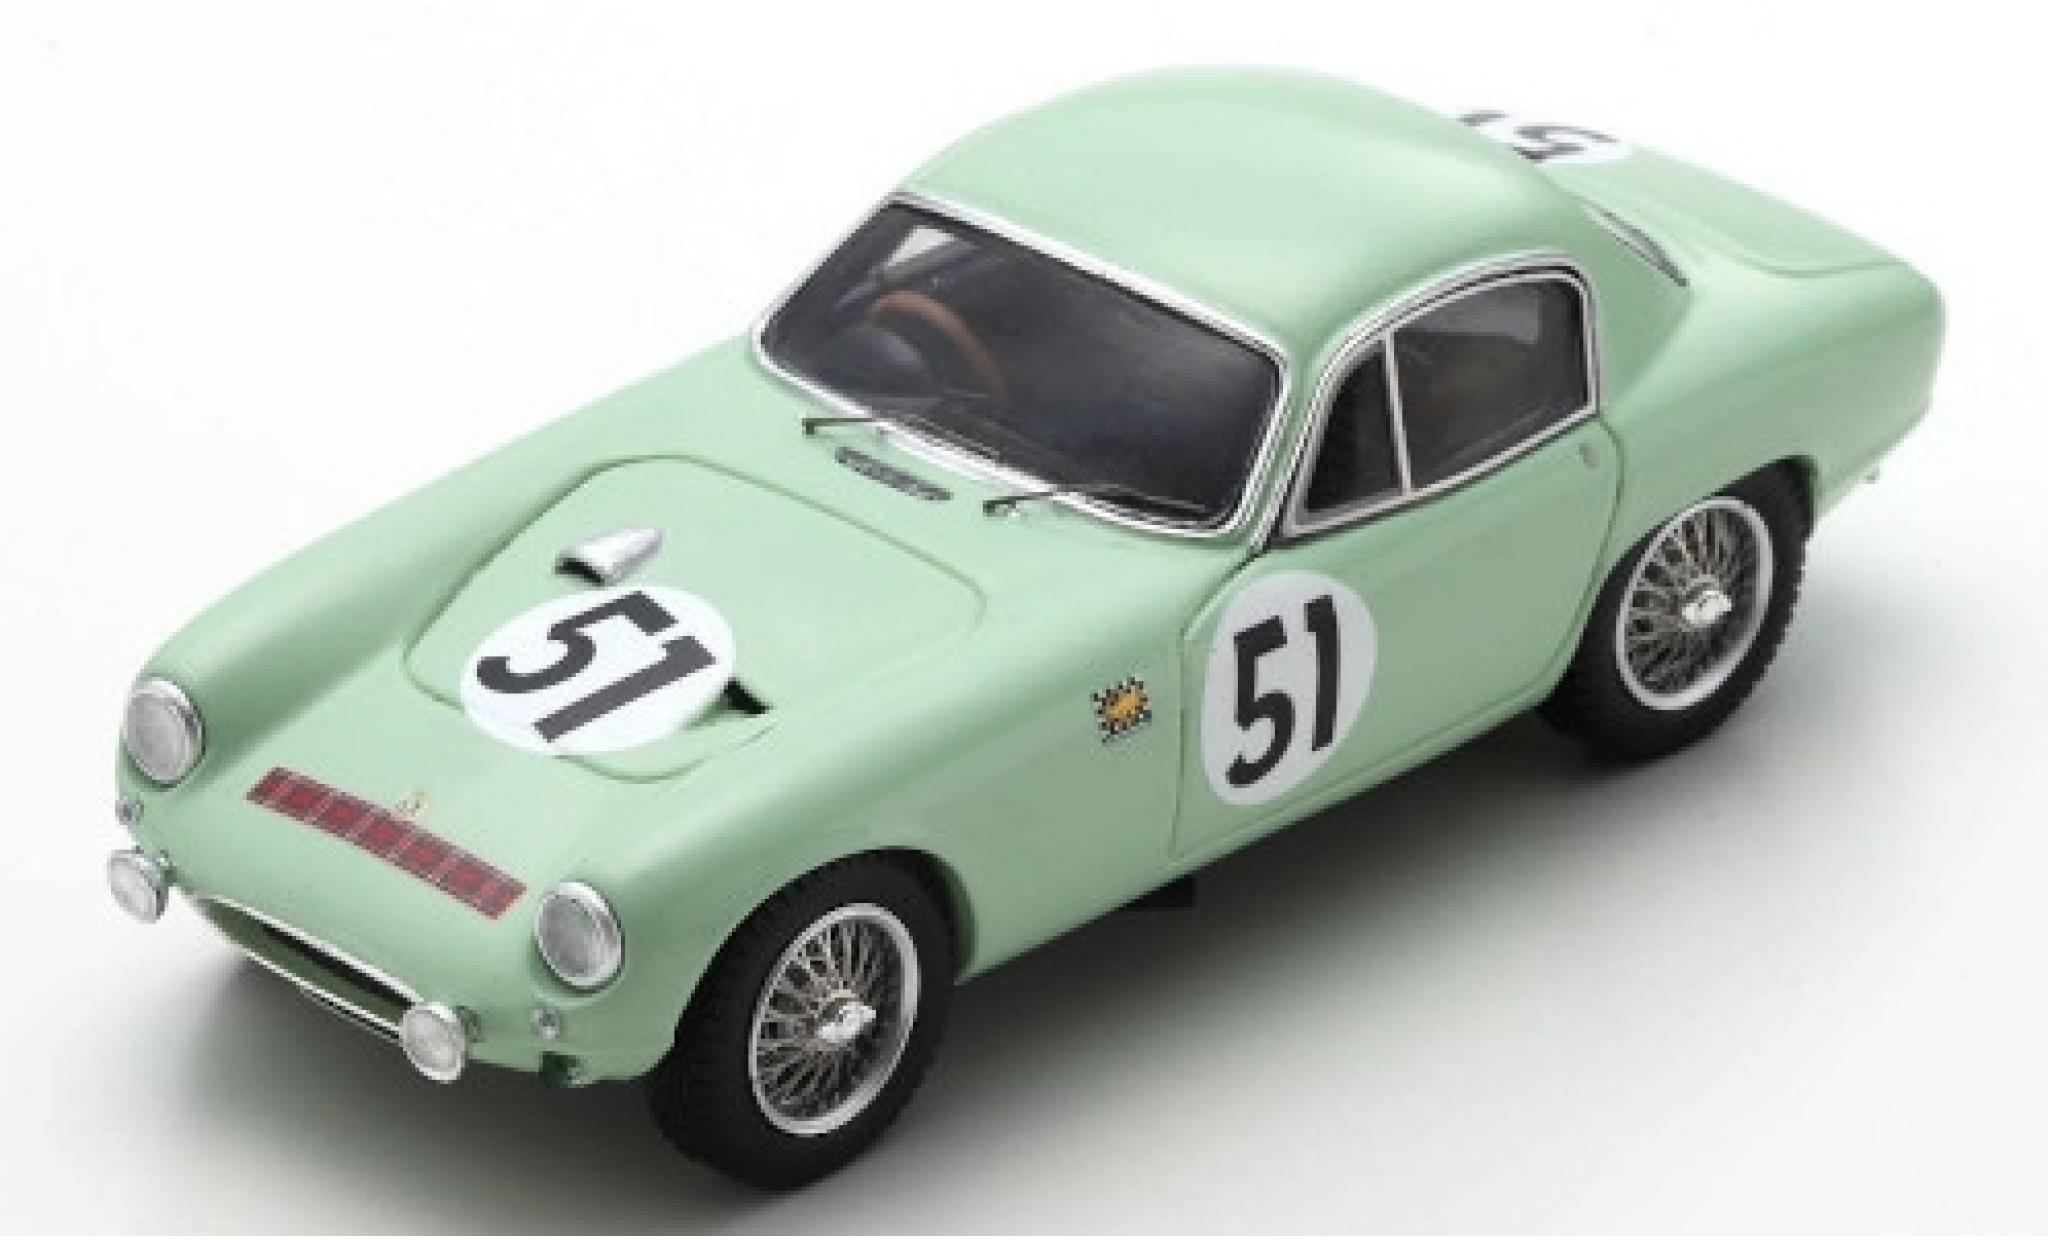 Lotus Elite 1/43 Spark RHD No.51 24h Le Mans 1961 C.Allison/M.Mckee